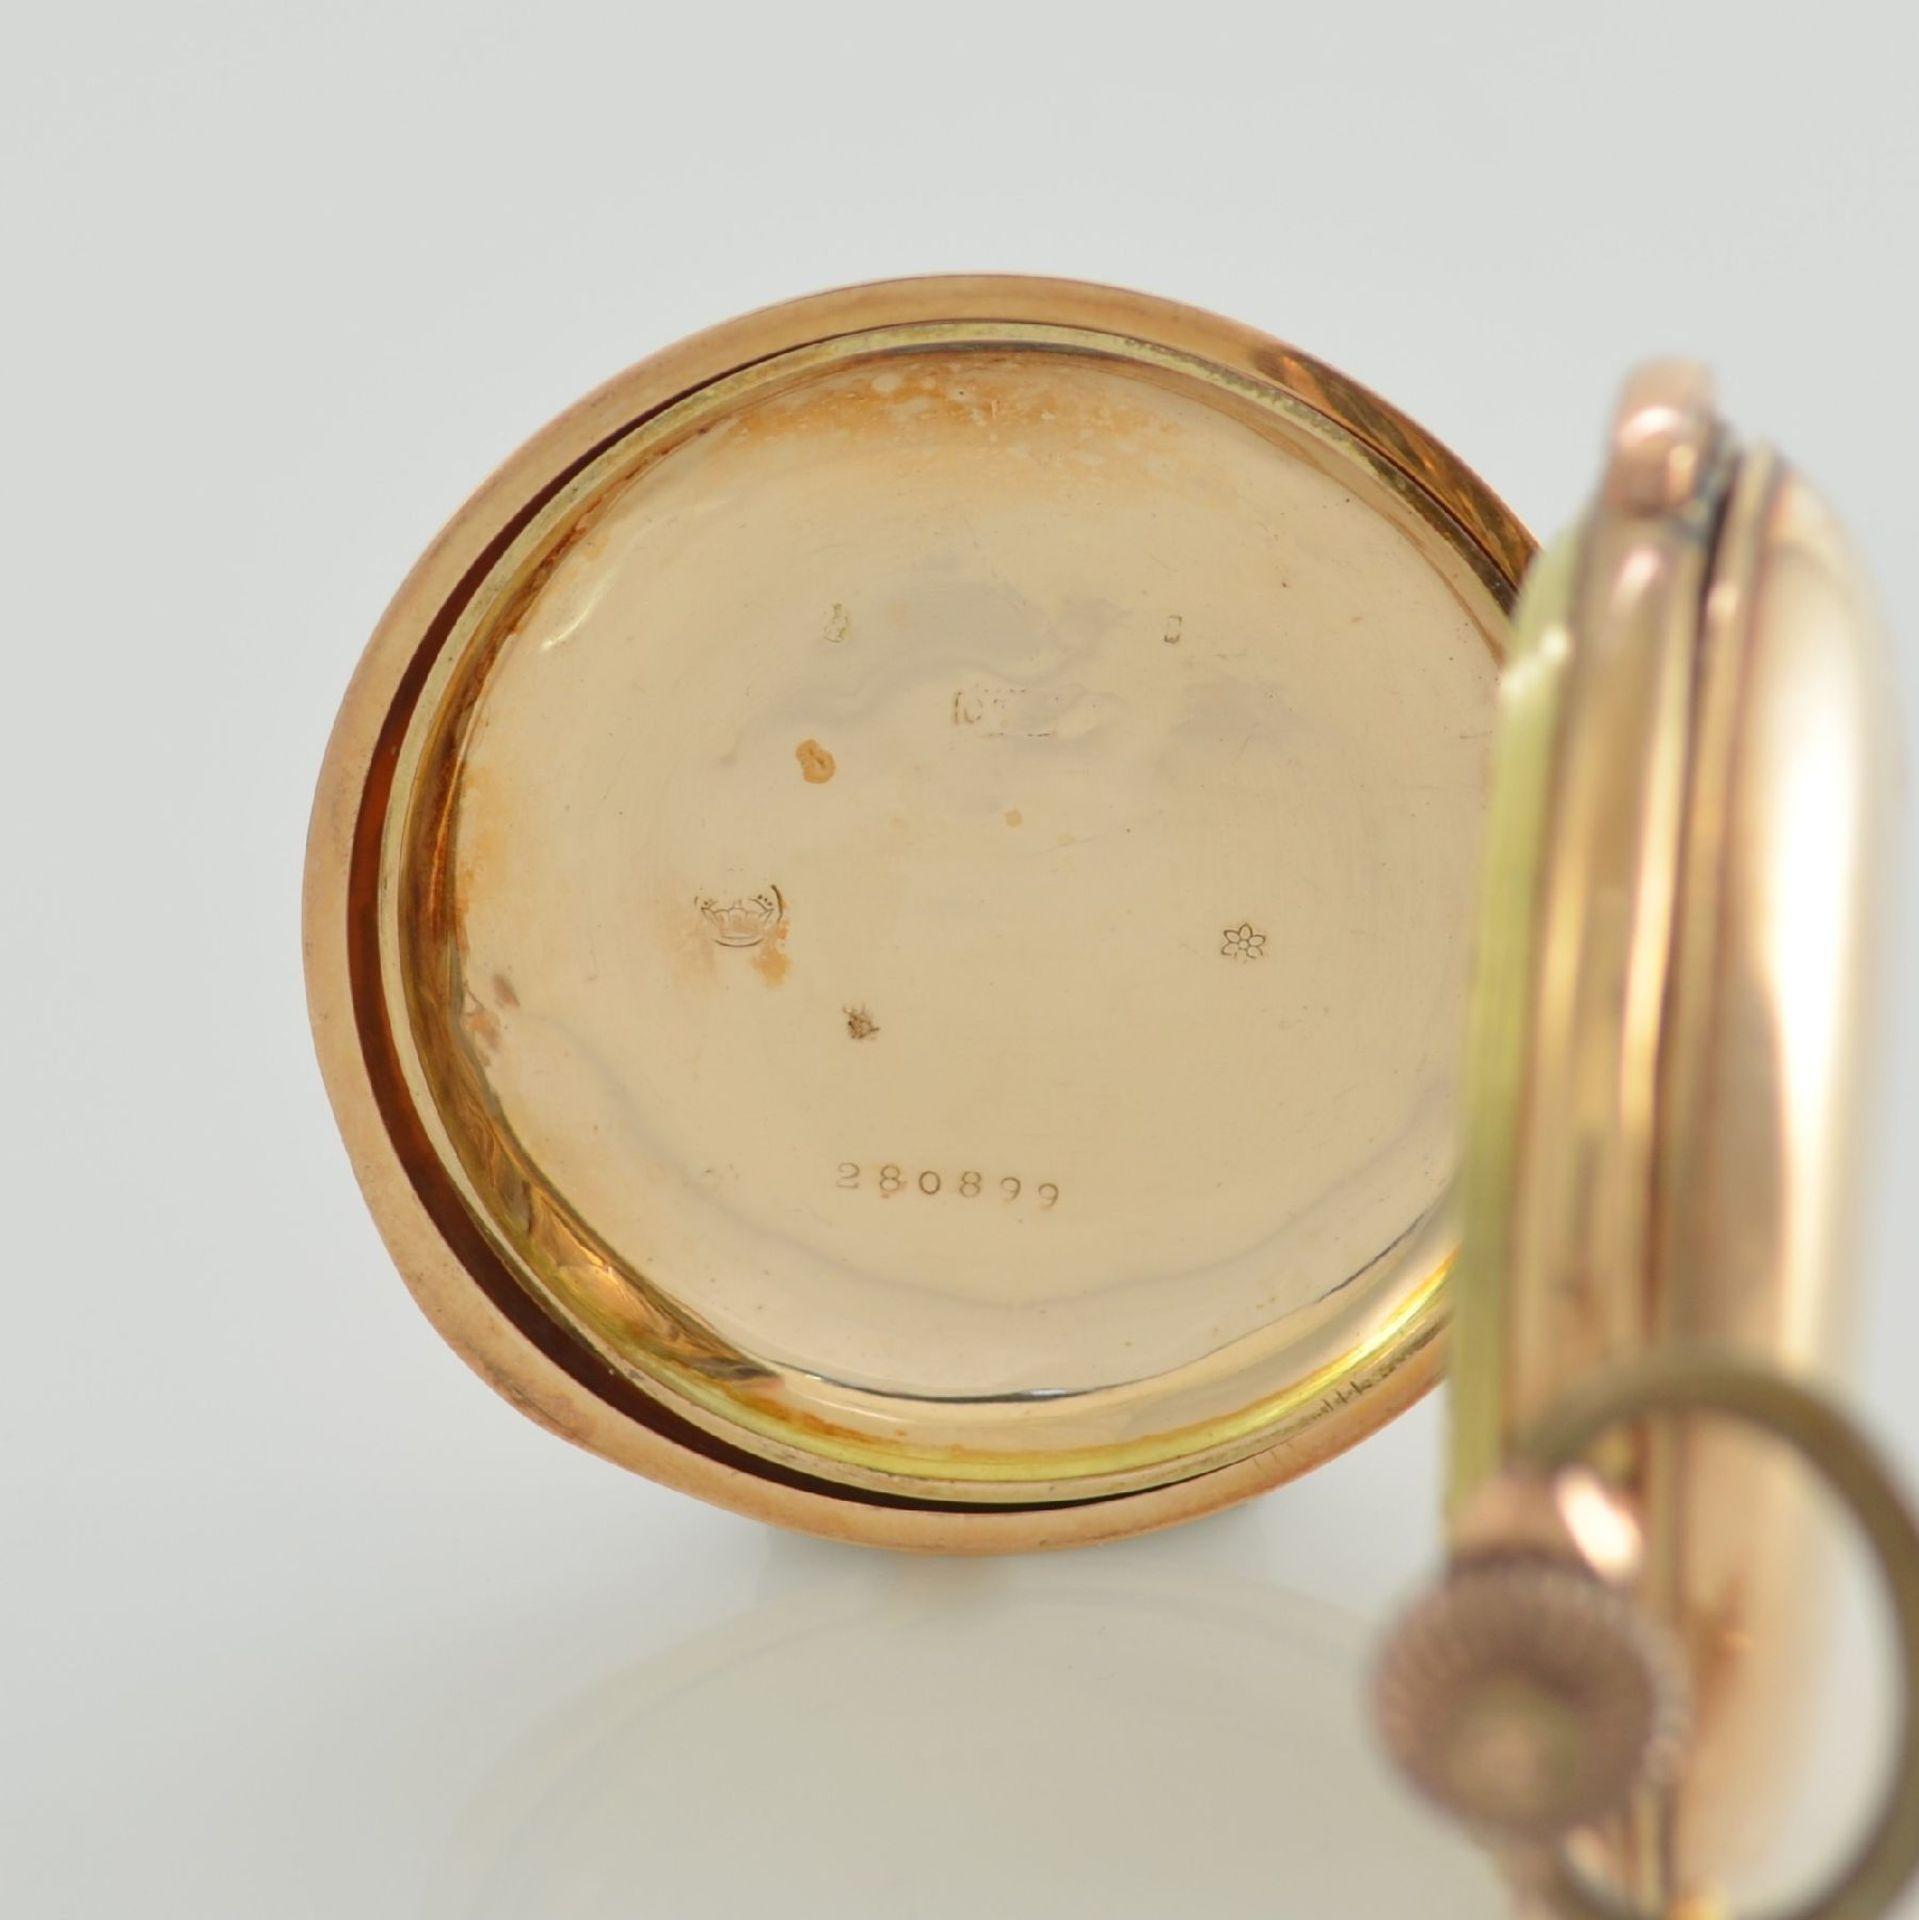 Savonette Herrentaschenuhr in RoseG 585/000 mit 1/4 Stunden Repetition und Chronograph, Schweiz um - Bild 7 aus 9